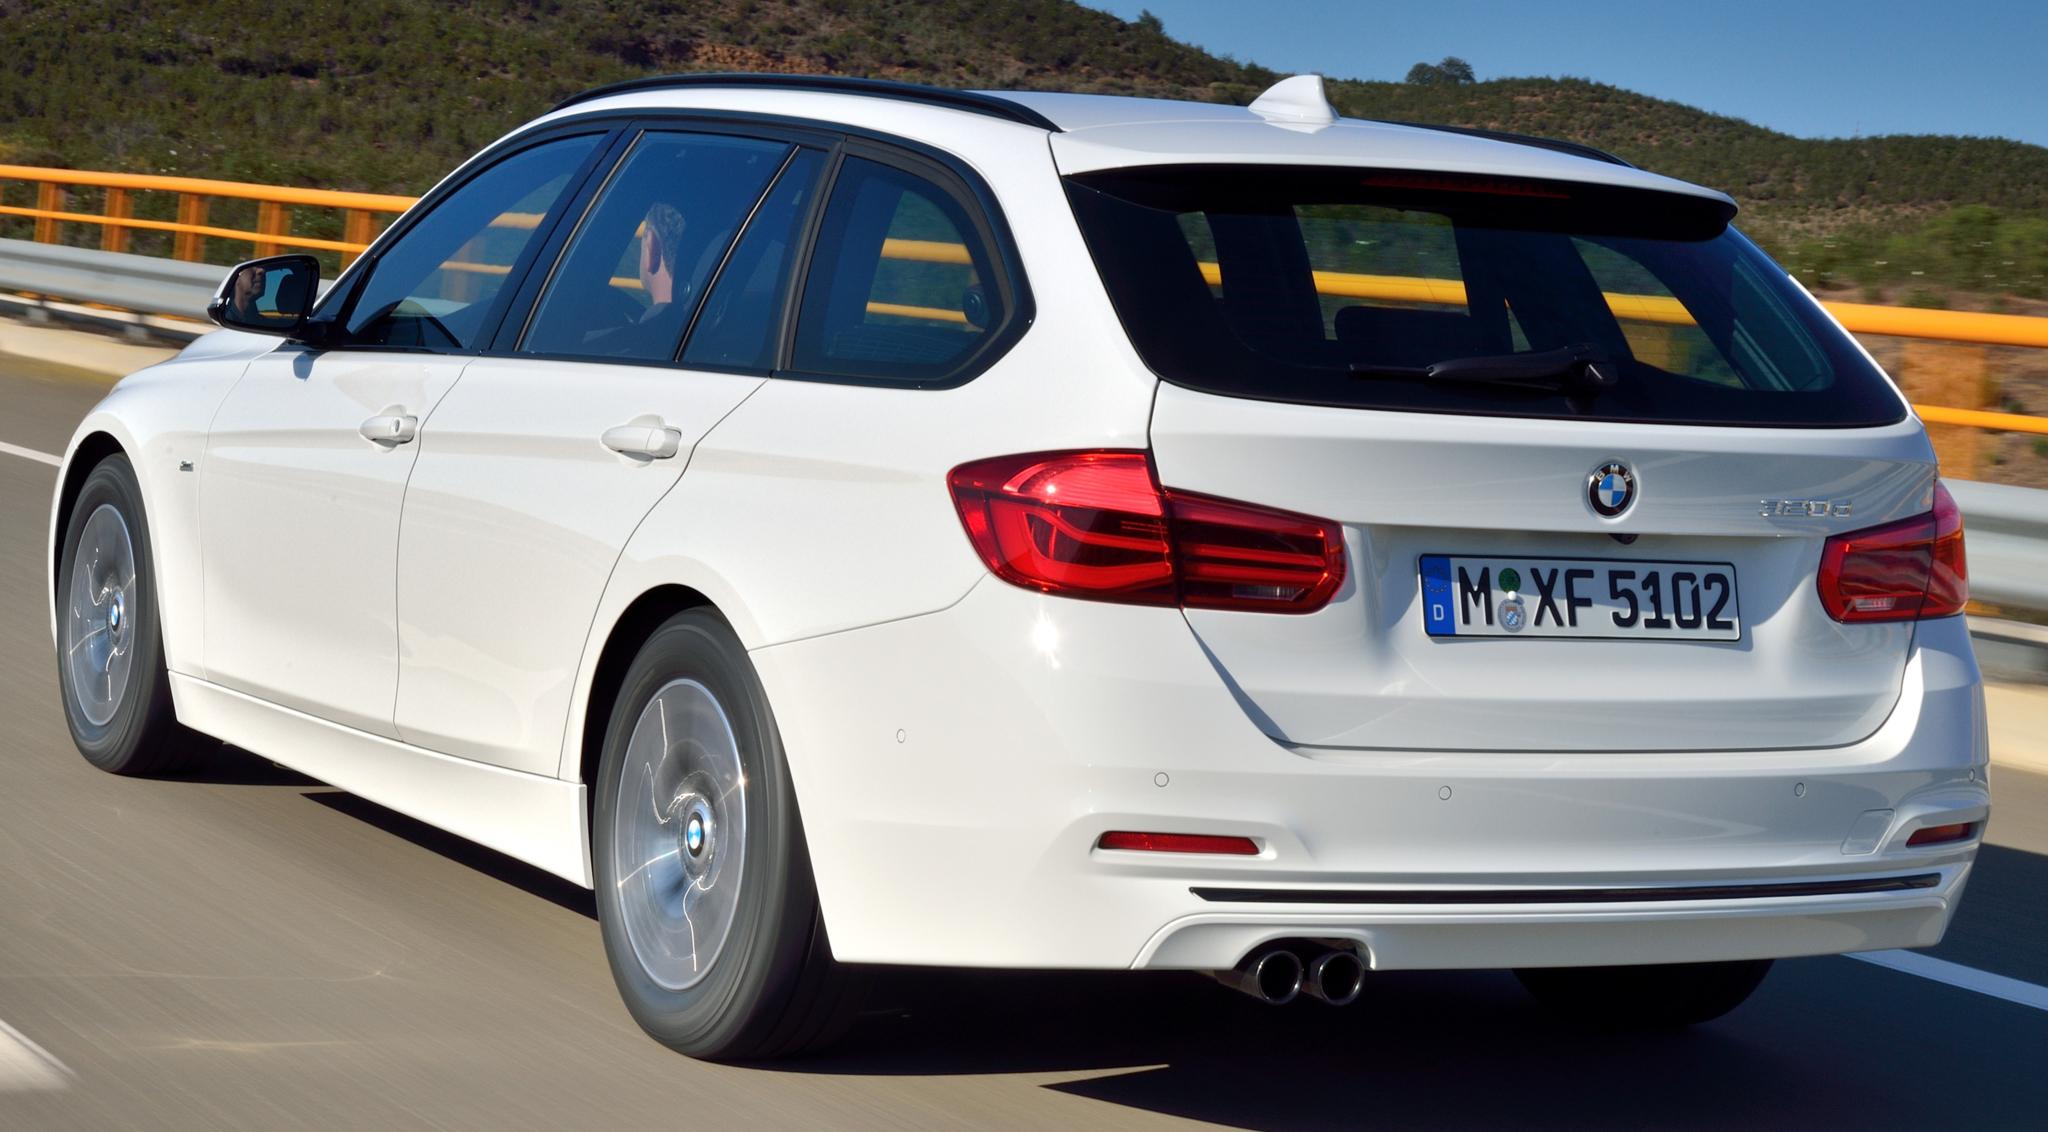 El Bmw Serie 3 Ya Tiene Precio Desde 32 600 Euros Motor El Mundo